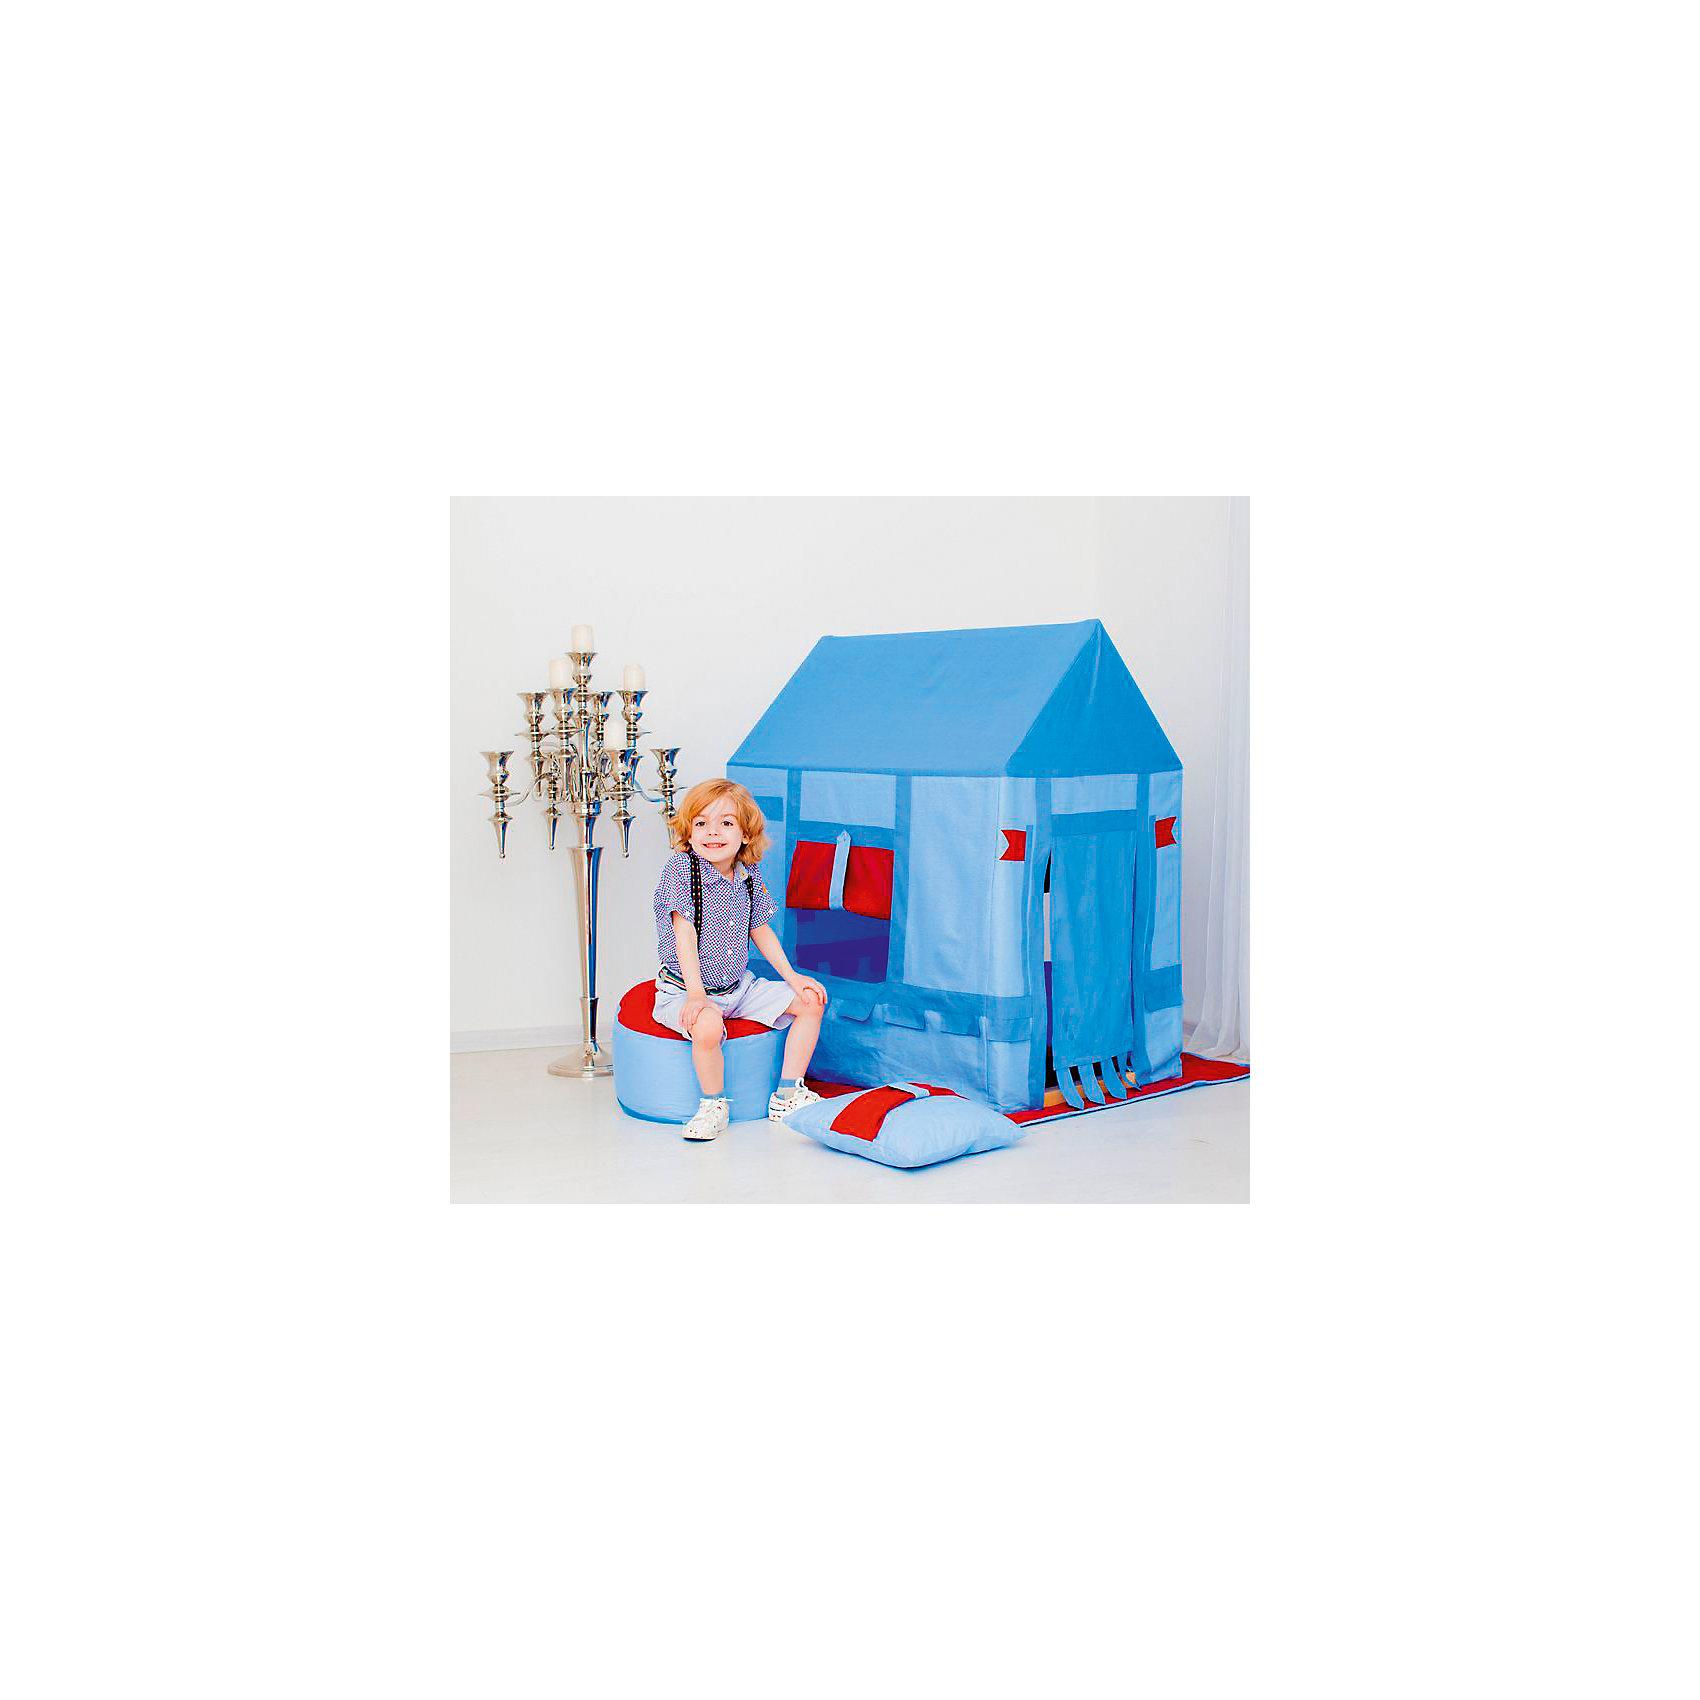 Текстильный домик с пуфиком Замок Бристоль, PAREMOДомики и мебель<br>Текстильный домик с пуфиком Замок Бристоль, PAREMO (Паремо).<br><br>Характеристики:<br><br>- Домик с деревянным каркасом и хлопковым стилизованным чехлом.<br>- Каркас деревянный, требует сборки перед началом эксплуатации.<br>- Все текстильные элементы легко снимаются (удобно для стирки и ухода за игрушкой).<br>- Материал сосна (каркас), текстиль (чехлы, плед), синтепон (набивка подушки и пуфика) <br>- Размер игрушки 120х75х100h см <br>- Размер упаковки 77х14х102 см <br>- Вес 10,5 кг <br><br>В комплект входит:<br><br>- Каркас дома.<br>- Чехол в виде домика.<br>- Двусторонний игровой коврик в основание домика.<br>- Подушка.<br>- Пуфик.<br>- Фурнитура для сборки каркаса.<br>- Инструкция по сборке.<br><br>Текстильный домик с пуфиком «Замок Бристоль» - это игровая текстильная палатка на каркасе от российского производителя PАREMO. Такой замок особенно понравится мальчикам, ведь он стилизован под настоящий рыцарский замок! Он создан специально для отважных рыцарей! Чехол выполнен в разных оттенках голубого цвета и украшен контрастными флагами. Ваш мальчик почувствует себя настоящим героем, готовым к подвигам. Домик удобно перемещать по дому, удобно брать с собой на природу или на дачу в летний период.<br><br>Текстильный домик с пуфиком «Замок Бристоль», PAREMO (Паремо) можно купить в нашем интернет - магазине.<br><br>Ширина мм: 140<br>Глубина мм: 770<br>Высота мм: 1200<br>Вес г: 10500<br>Возраст от месяцев: 36<br>Возраст до месяцев: 120<br>Пол: Мужской<br>Возраст: Детский<br>SKU: 4979528